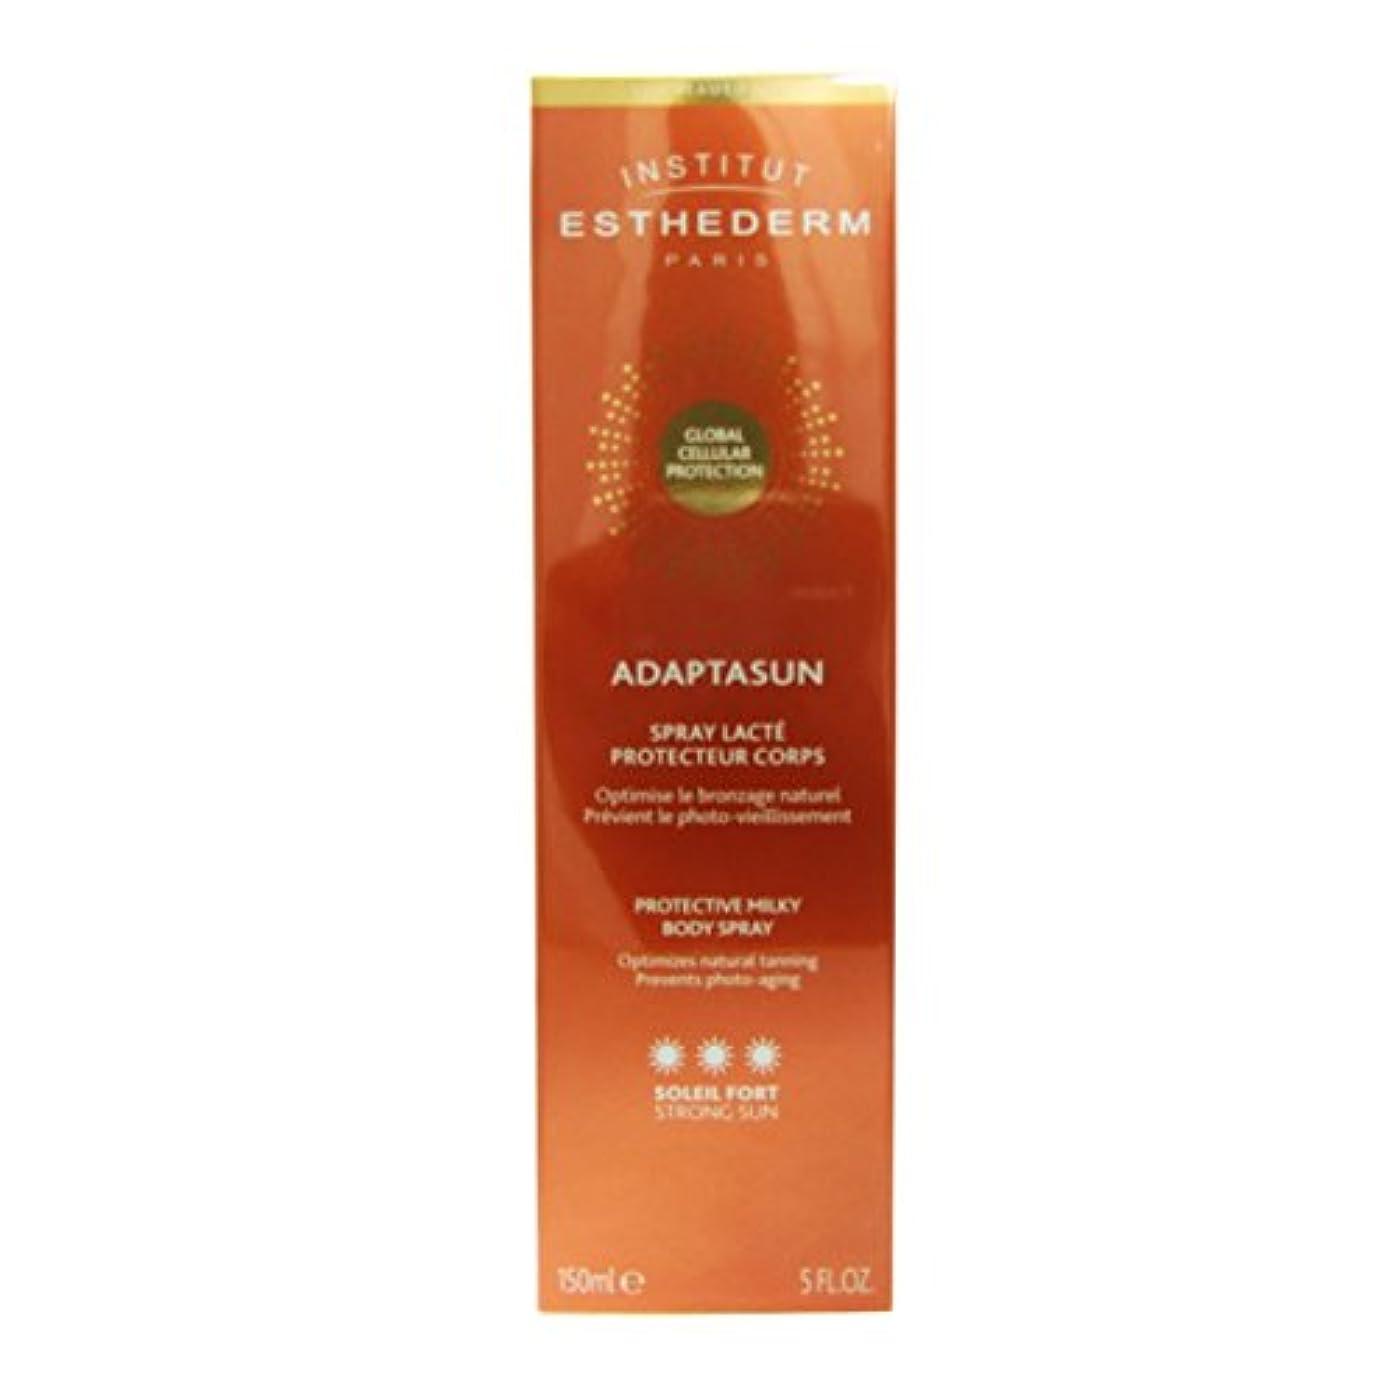 失敗一般いちゃつくInstitut Esthederm Adaptasun Protective Milky Body Spray Strong Sun 150ml [並行輸入品]